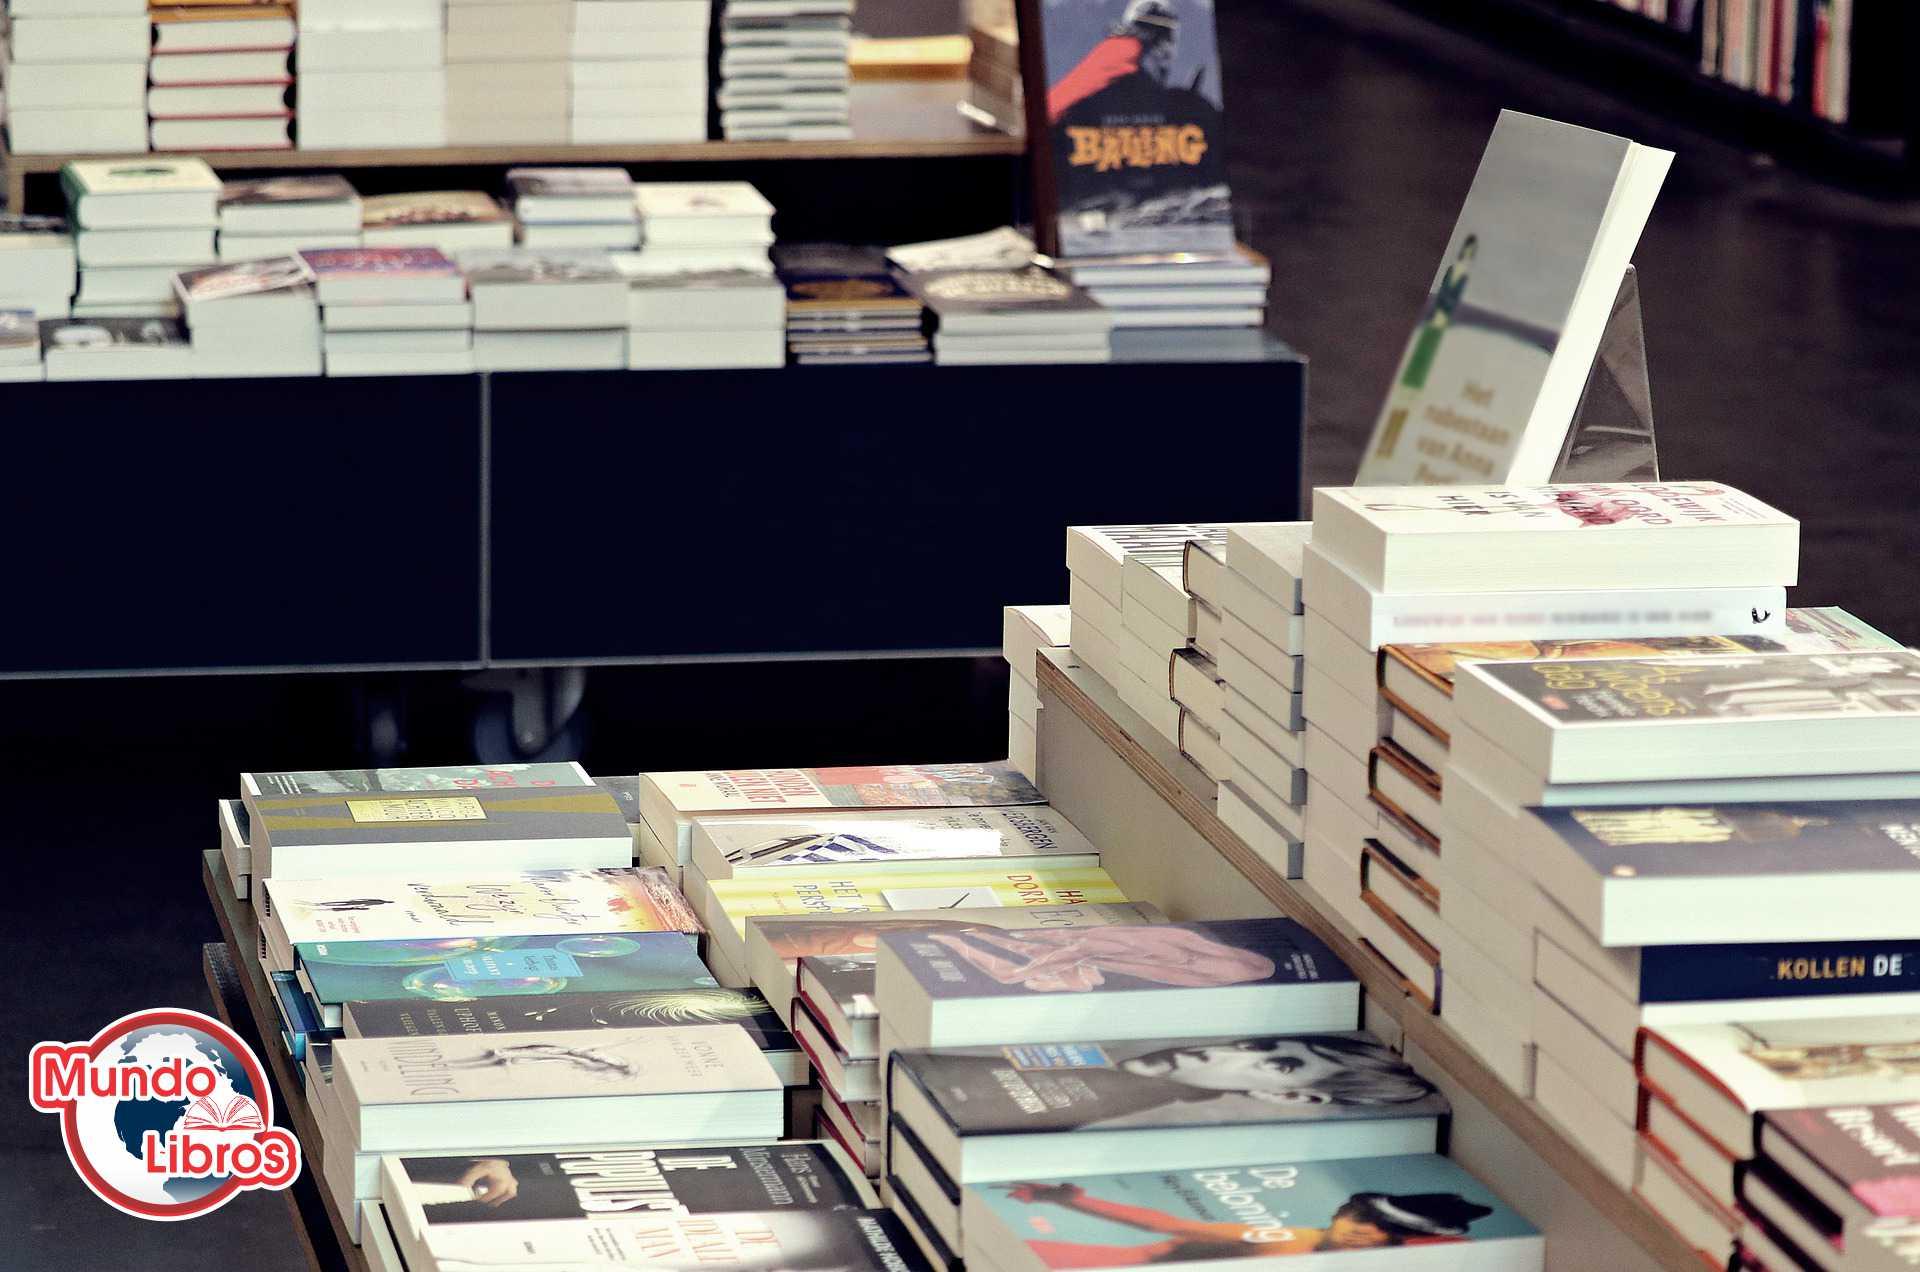 mundo-libros-cali-guia-empreder-2cali